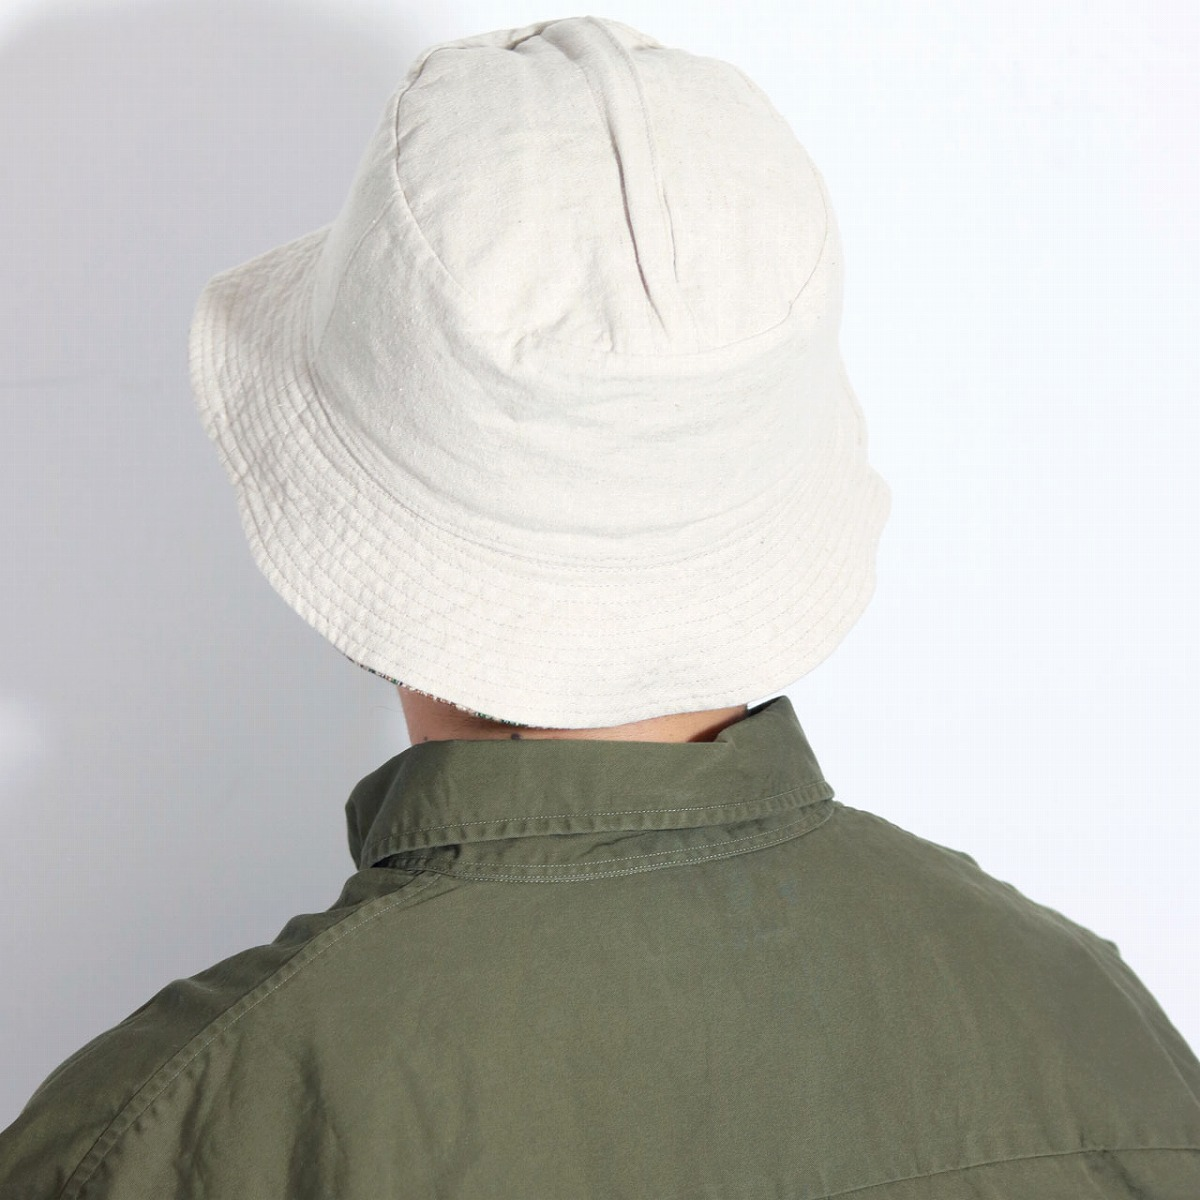 84128f372a この帽子の注目は無地側についたジッパーをあけて生地を裏返すことで袋状にコンパクト収納できるのです。 ゆったりとしたシルエットのコーディネートにあわせ、  ...